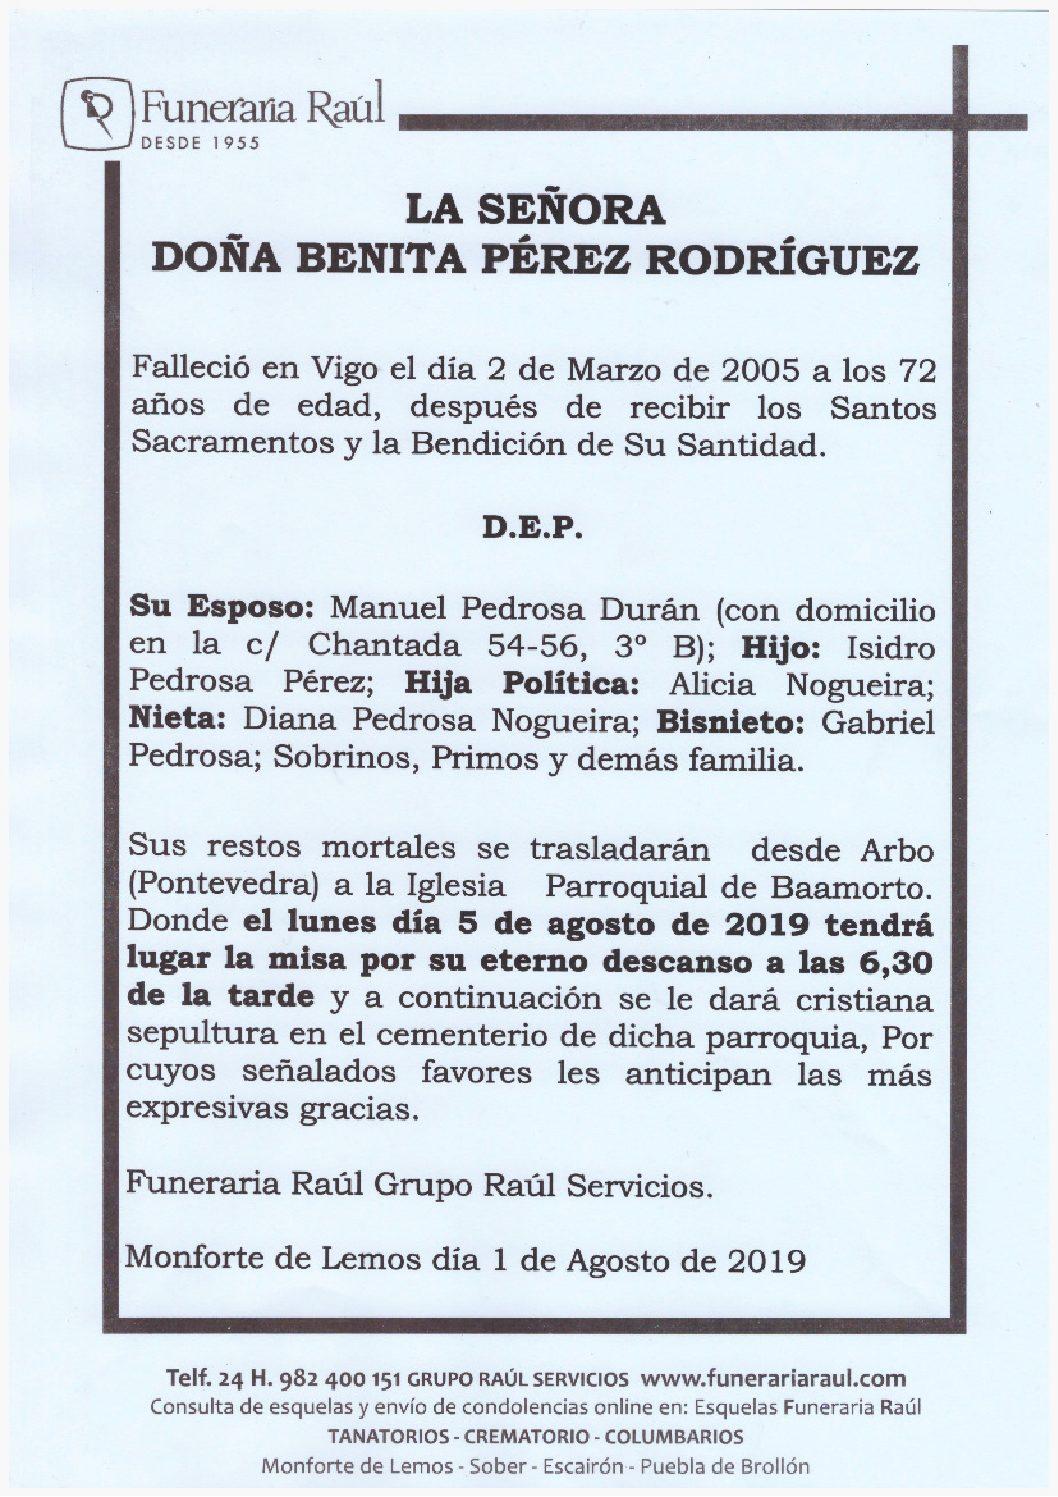 DOÑA BENITA PEREZ RODRIGUEZ